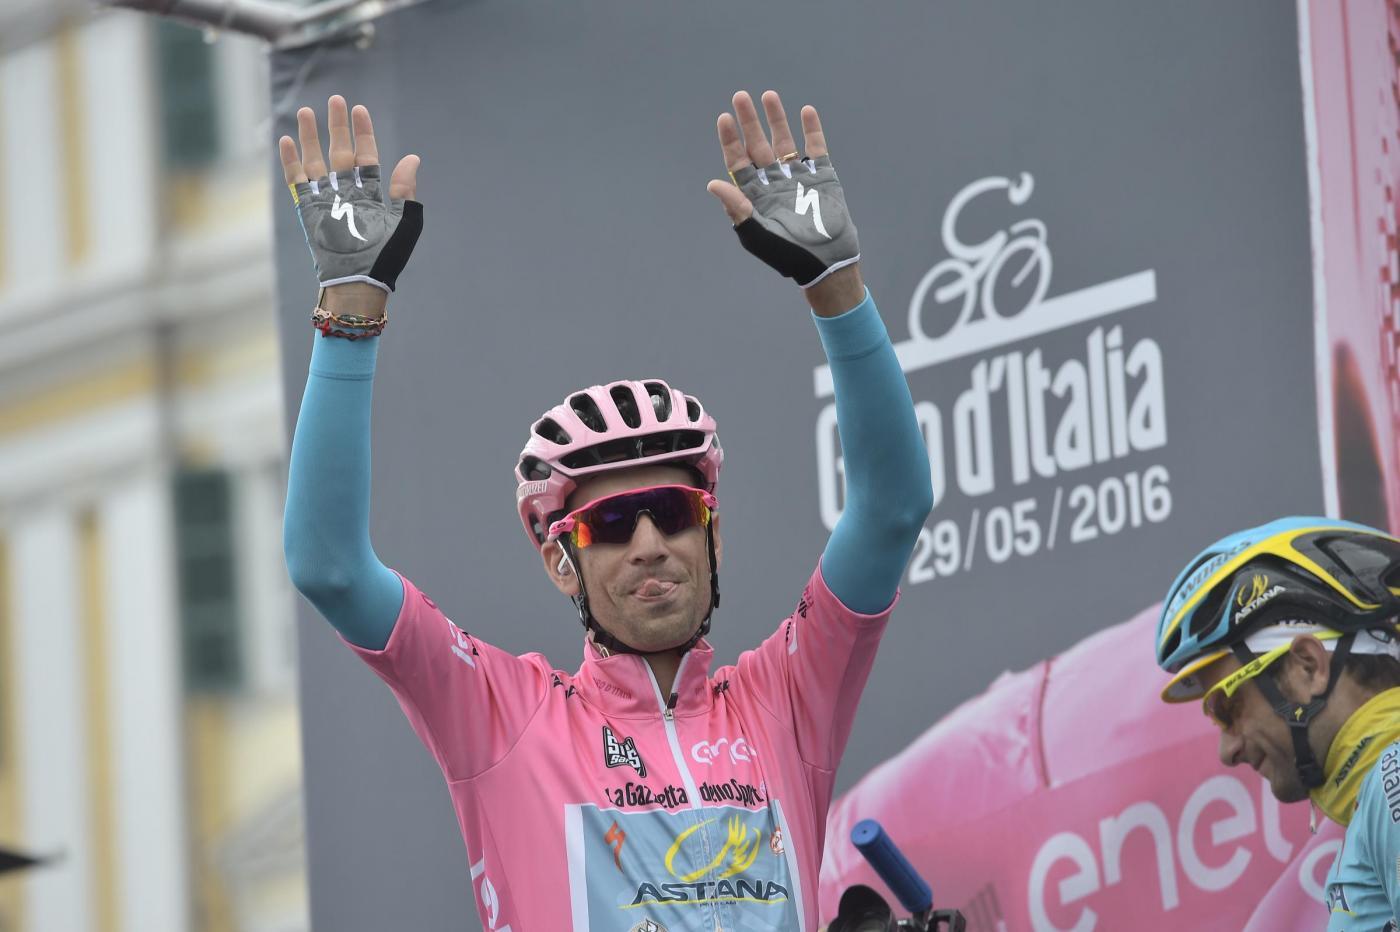 Giro d'Italia 2016 99a edizione Tappa 21 da Cuneo a Torino